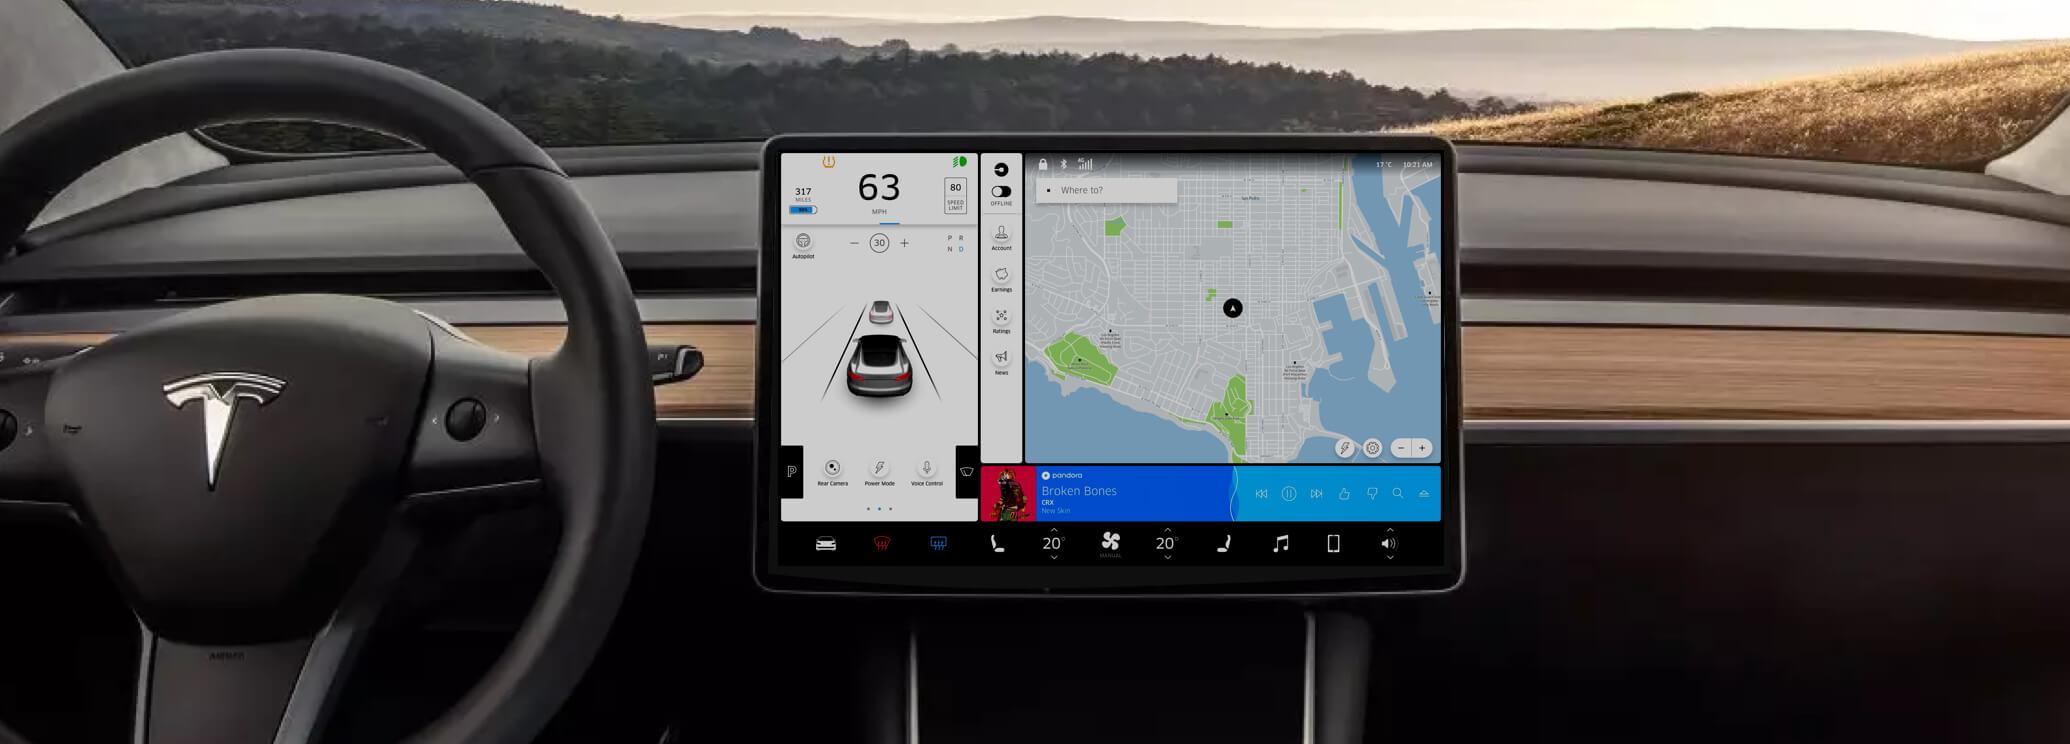 Thumbnail of Tesla x Uber project